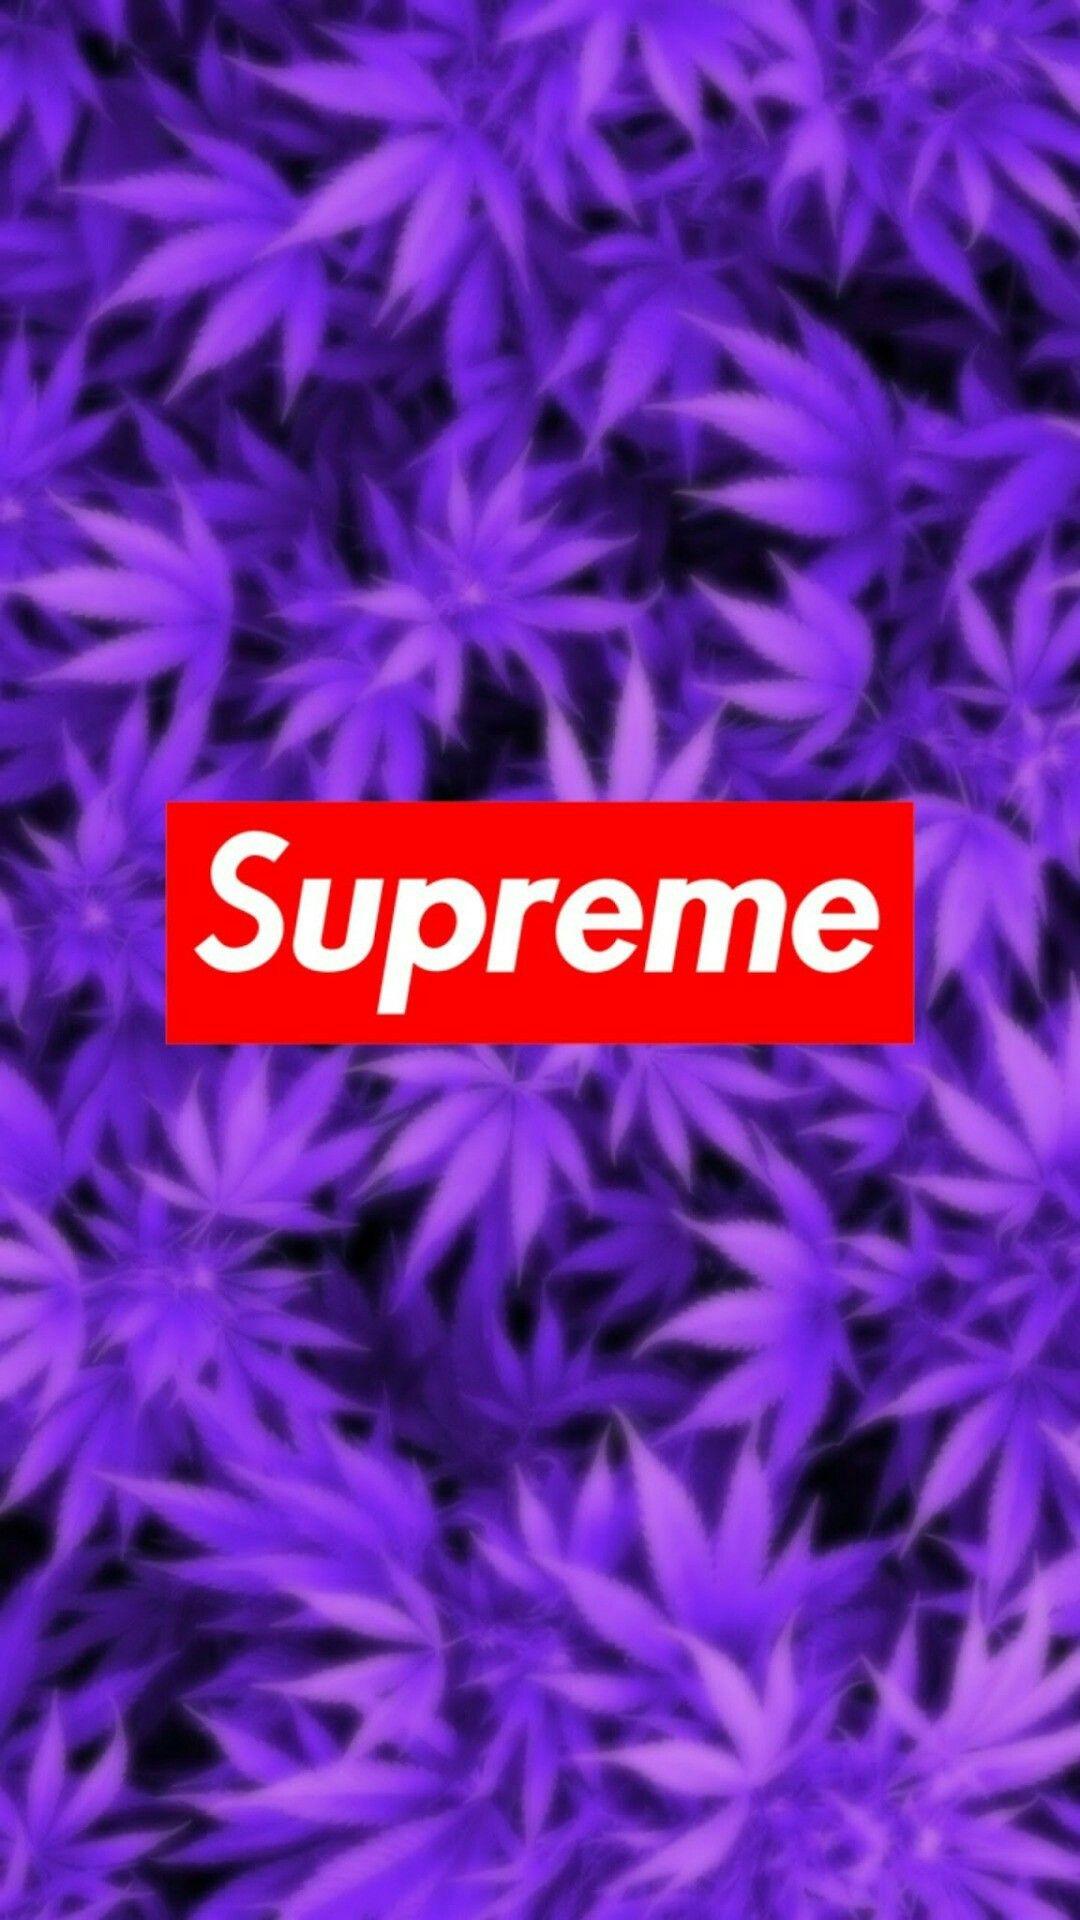 パープル 紫2019 Iphone 用壁紙スマホ壁紙